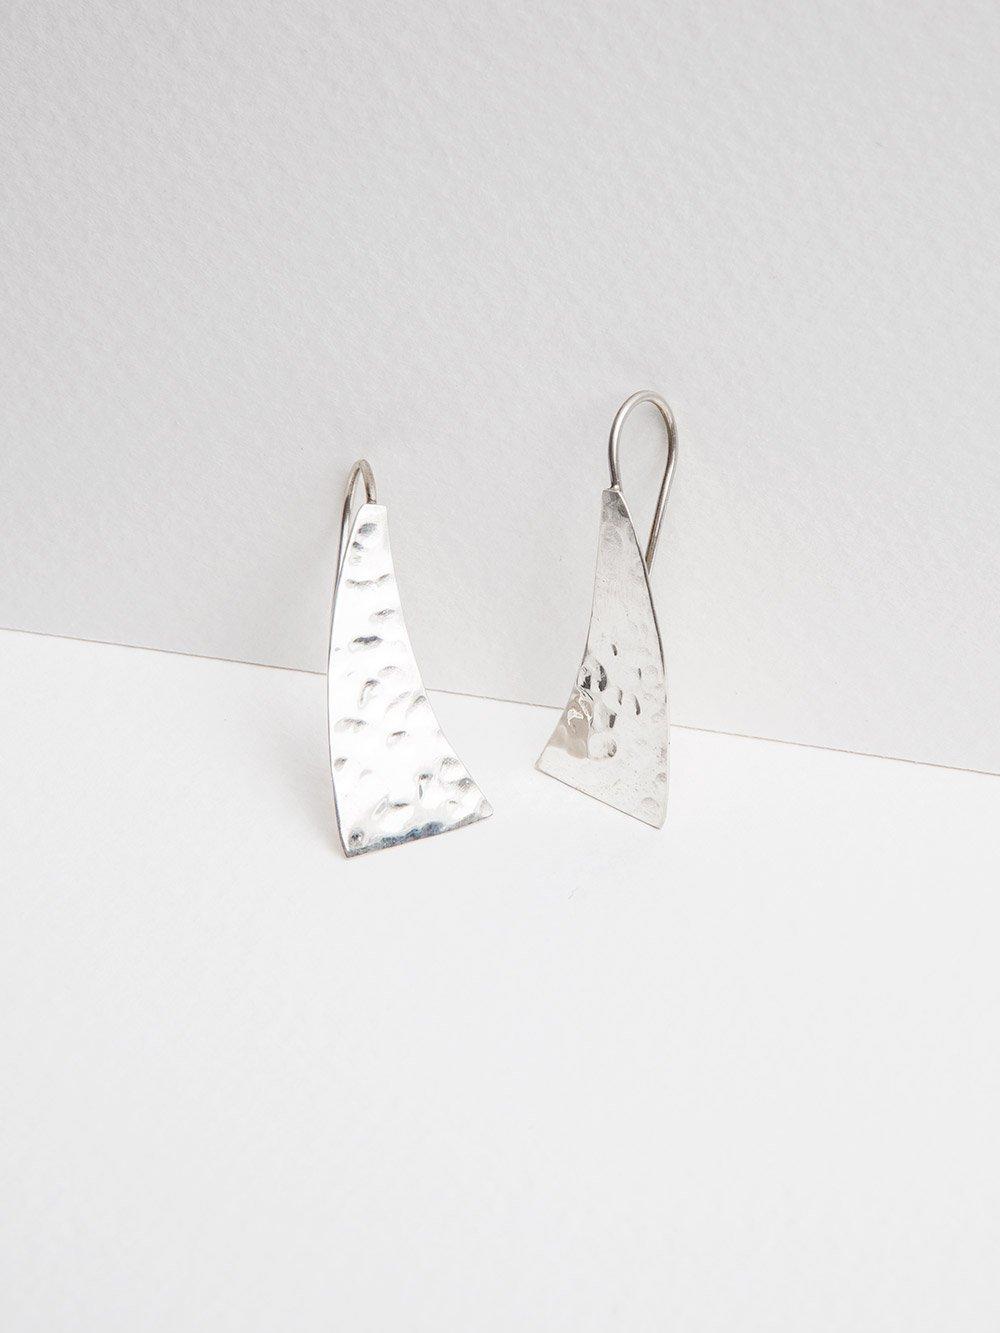 Image of Velette orecchini grandi in argento